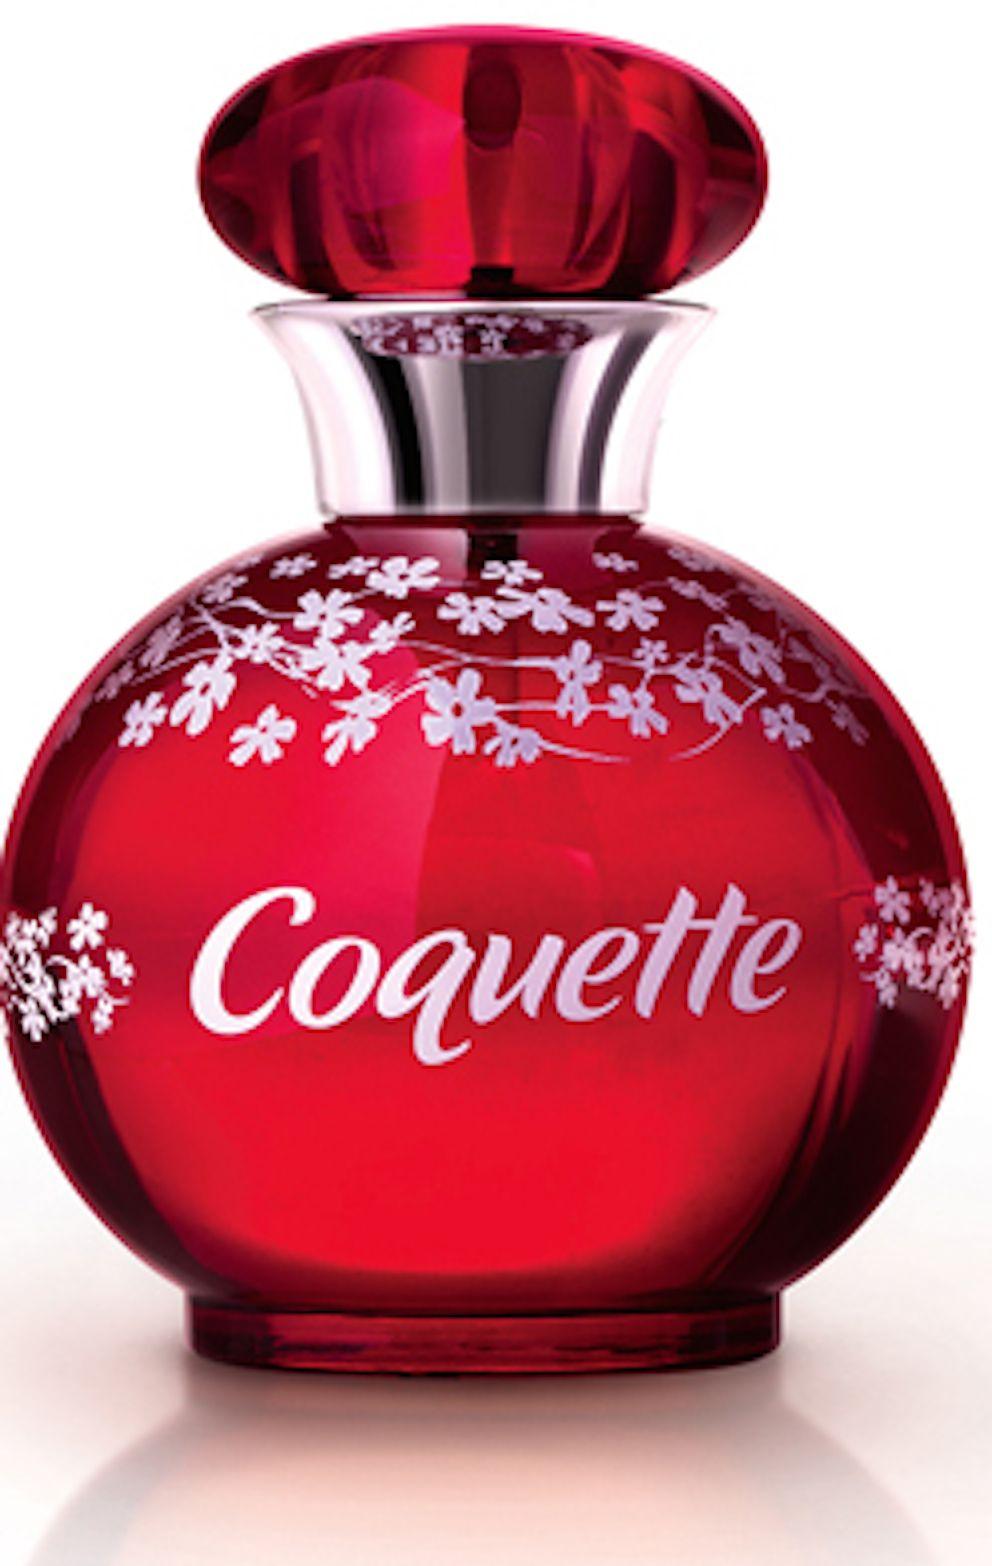 Coquette Fragrance Bottle Perfume Perfume Bottles